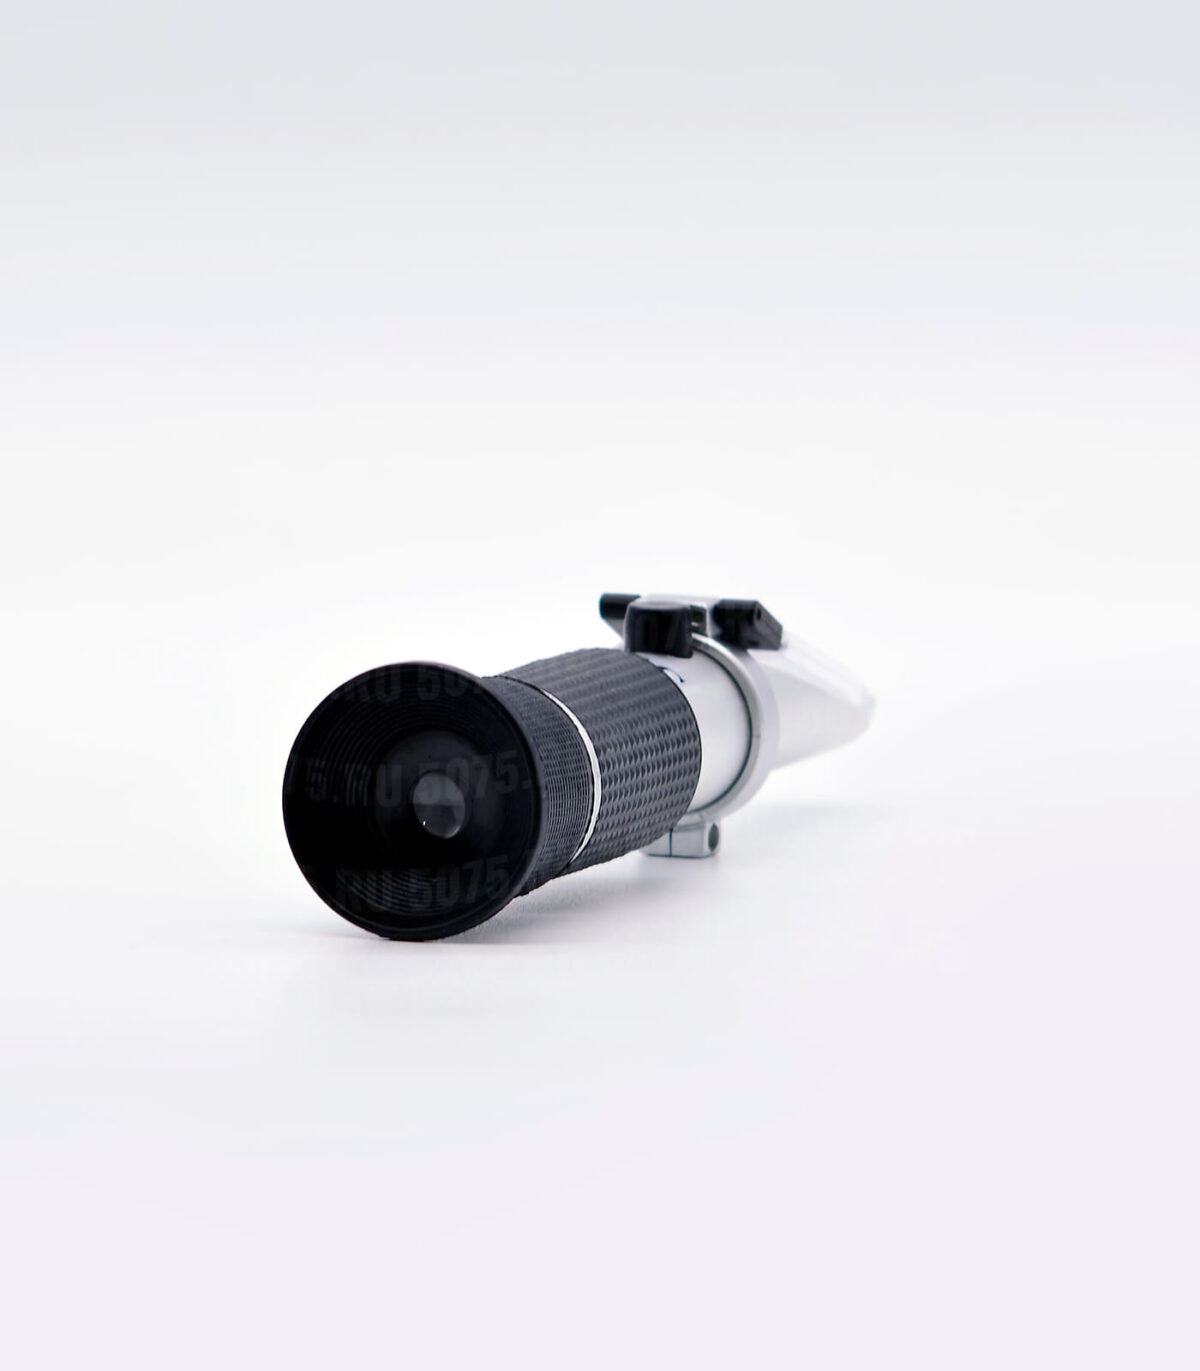 Рефрактометр 0-32% Brix, 1,000-1,1200% SG плотность